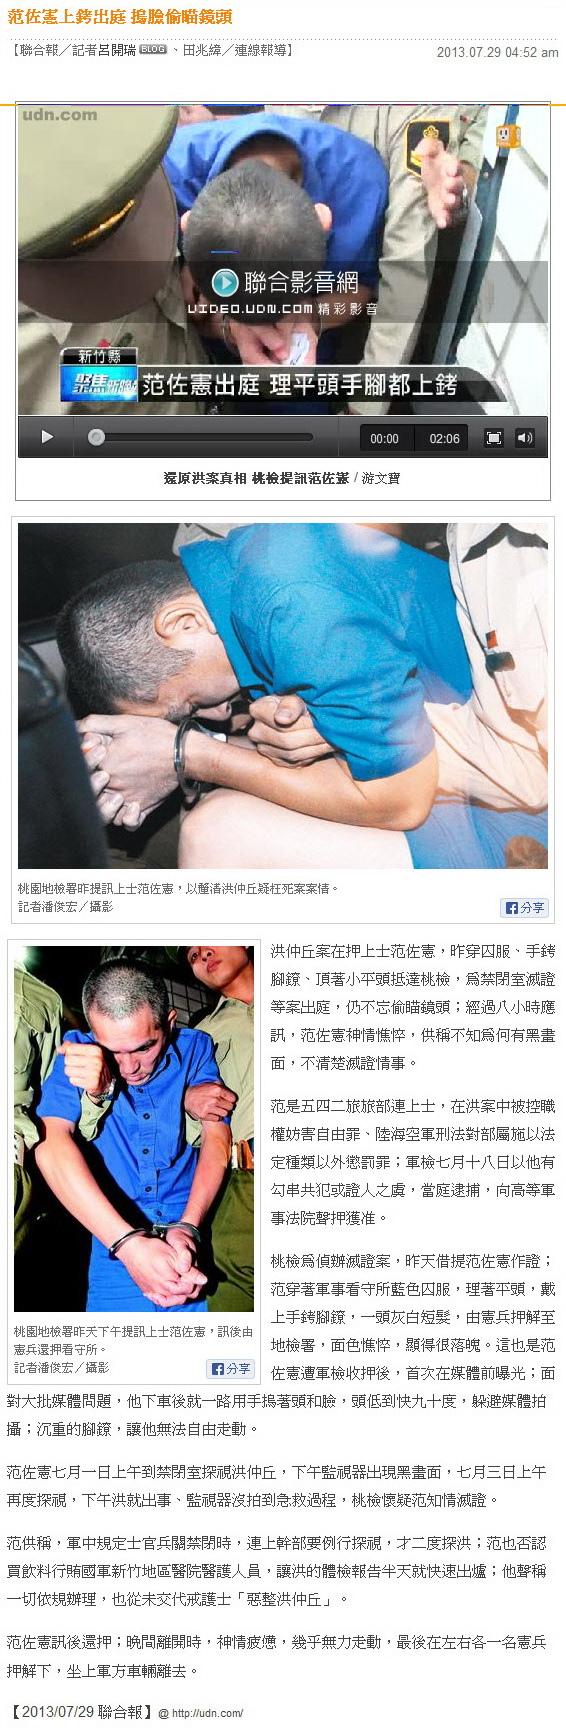 范佐憲上銬出庭 摀臉偷瞄鏡頭  -2013.07.29-01.jpg